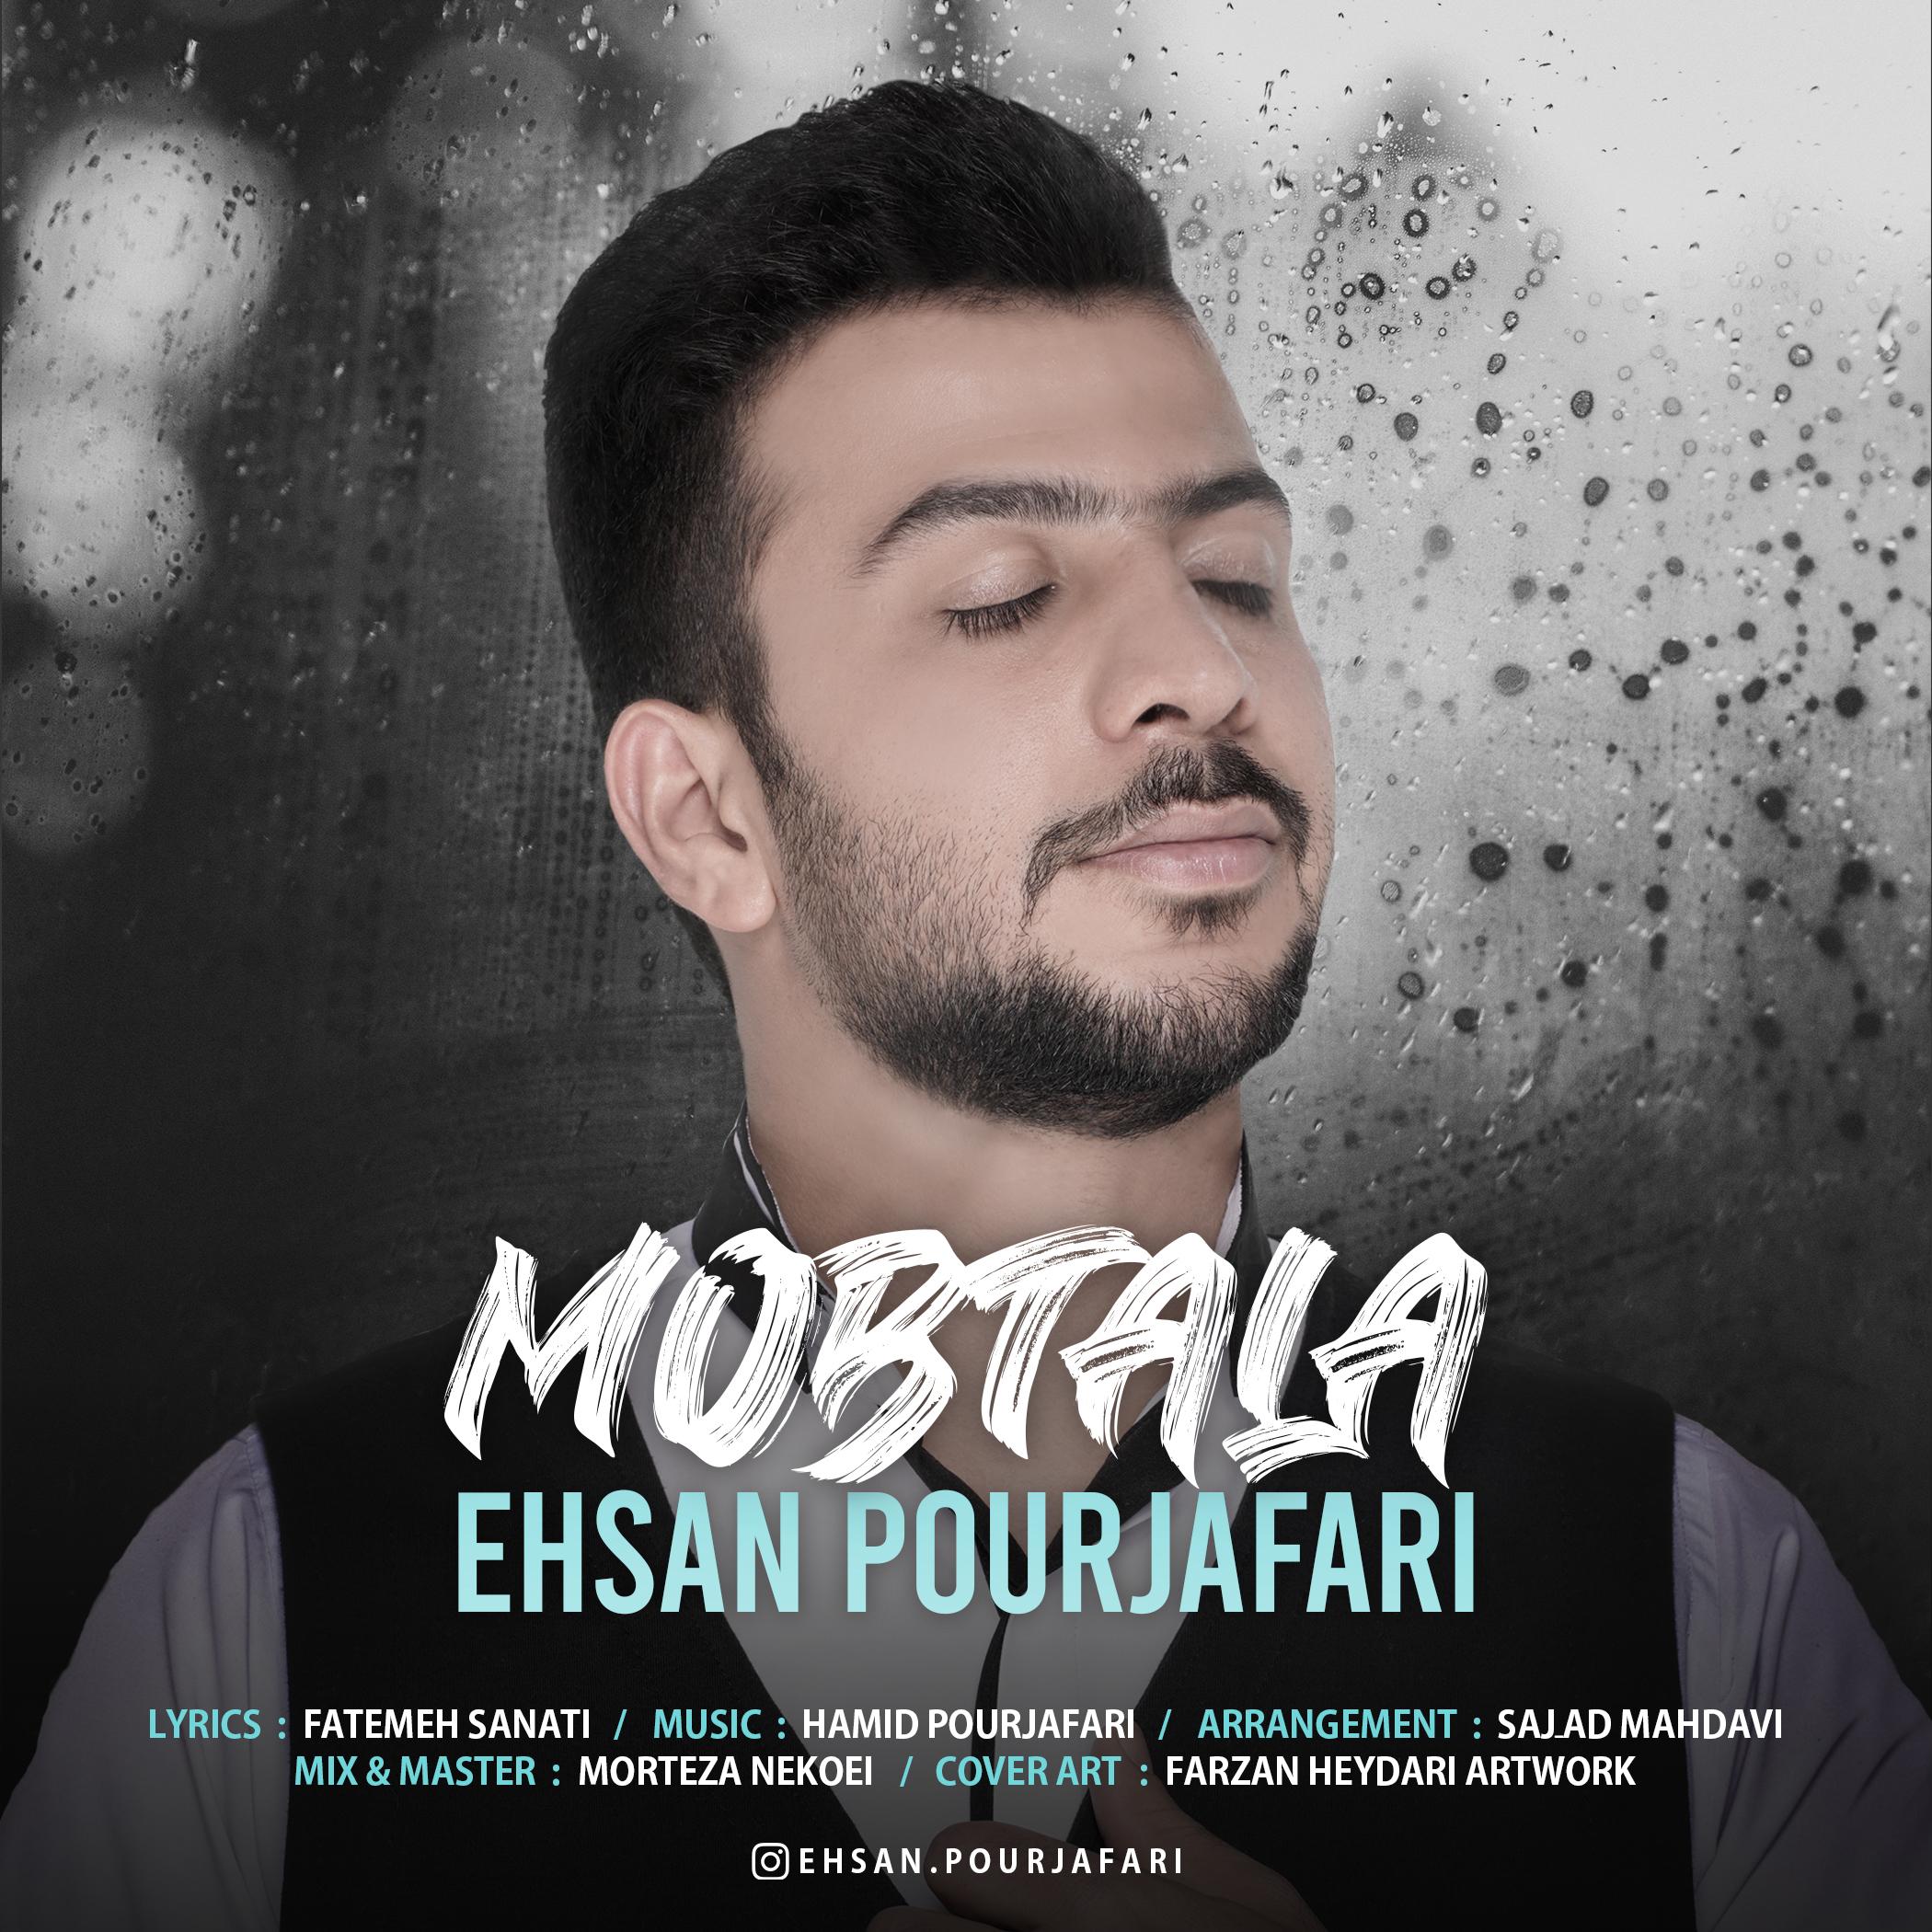 Ehsan Pourjafari – Mobtala